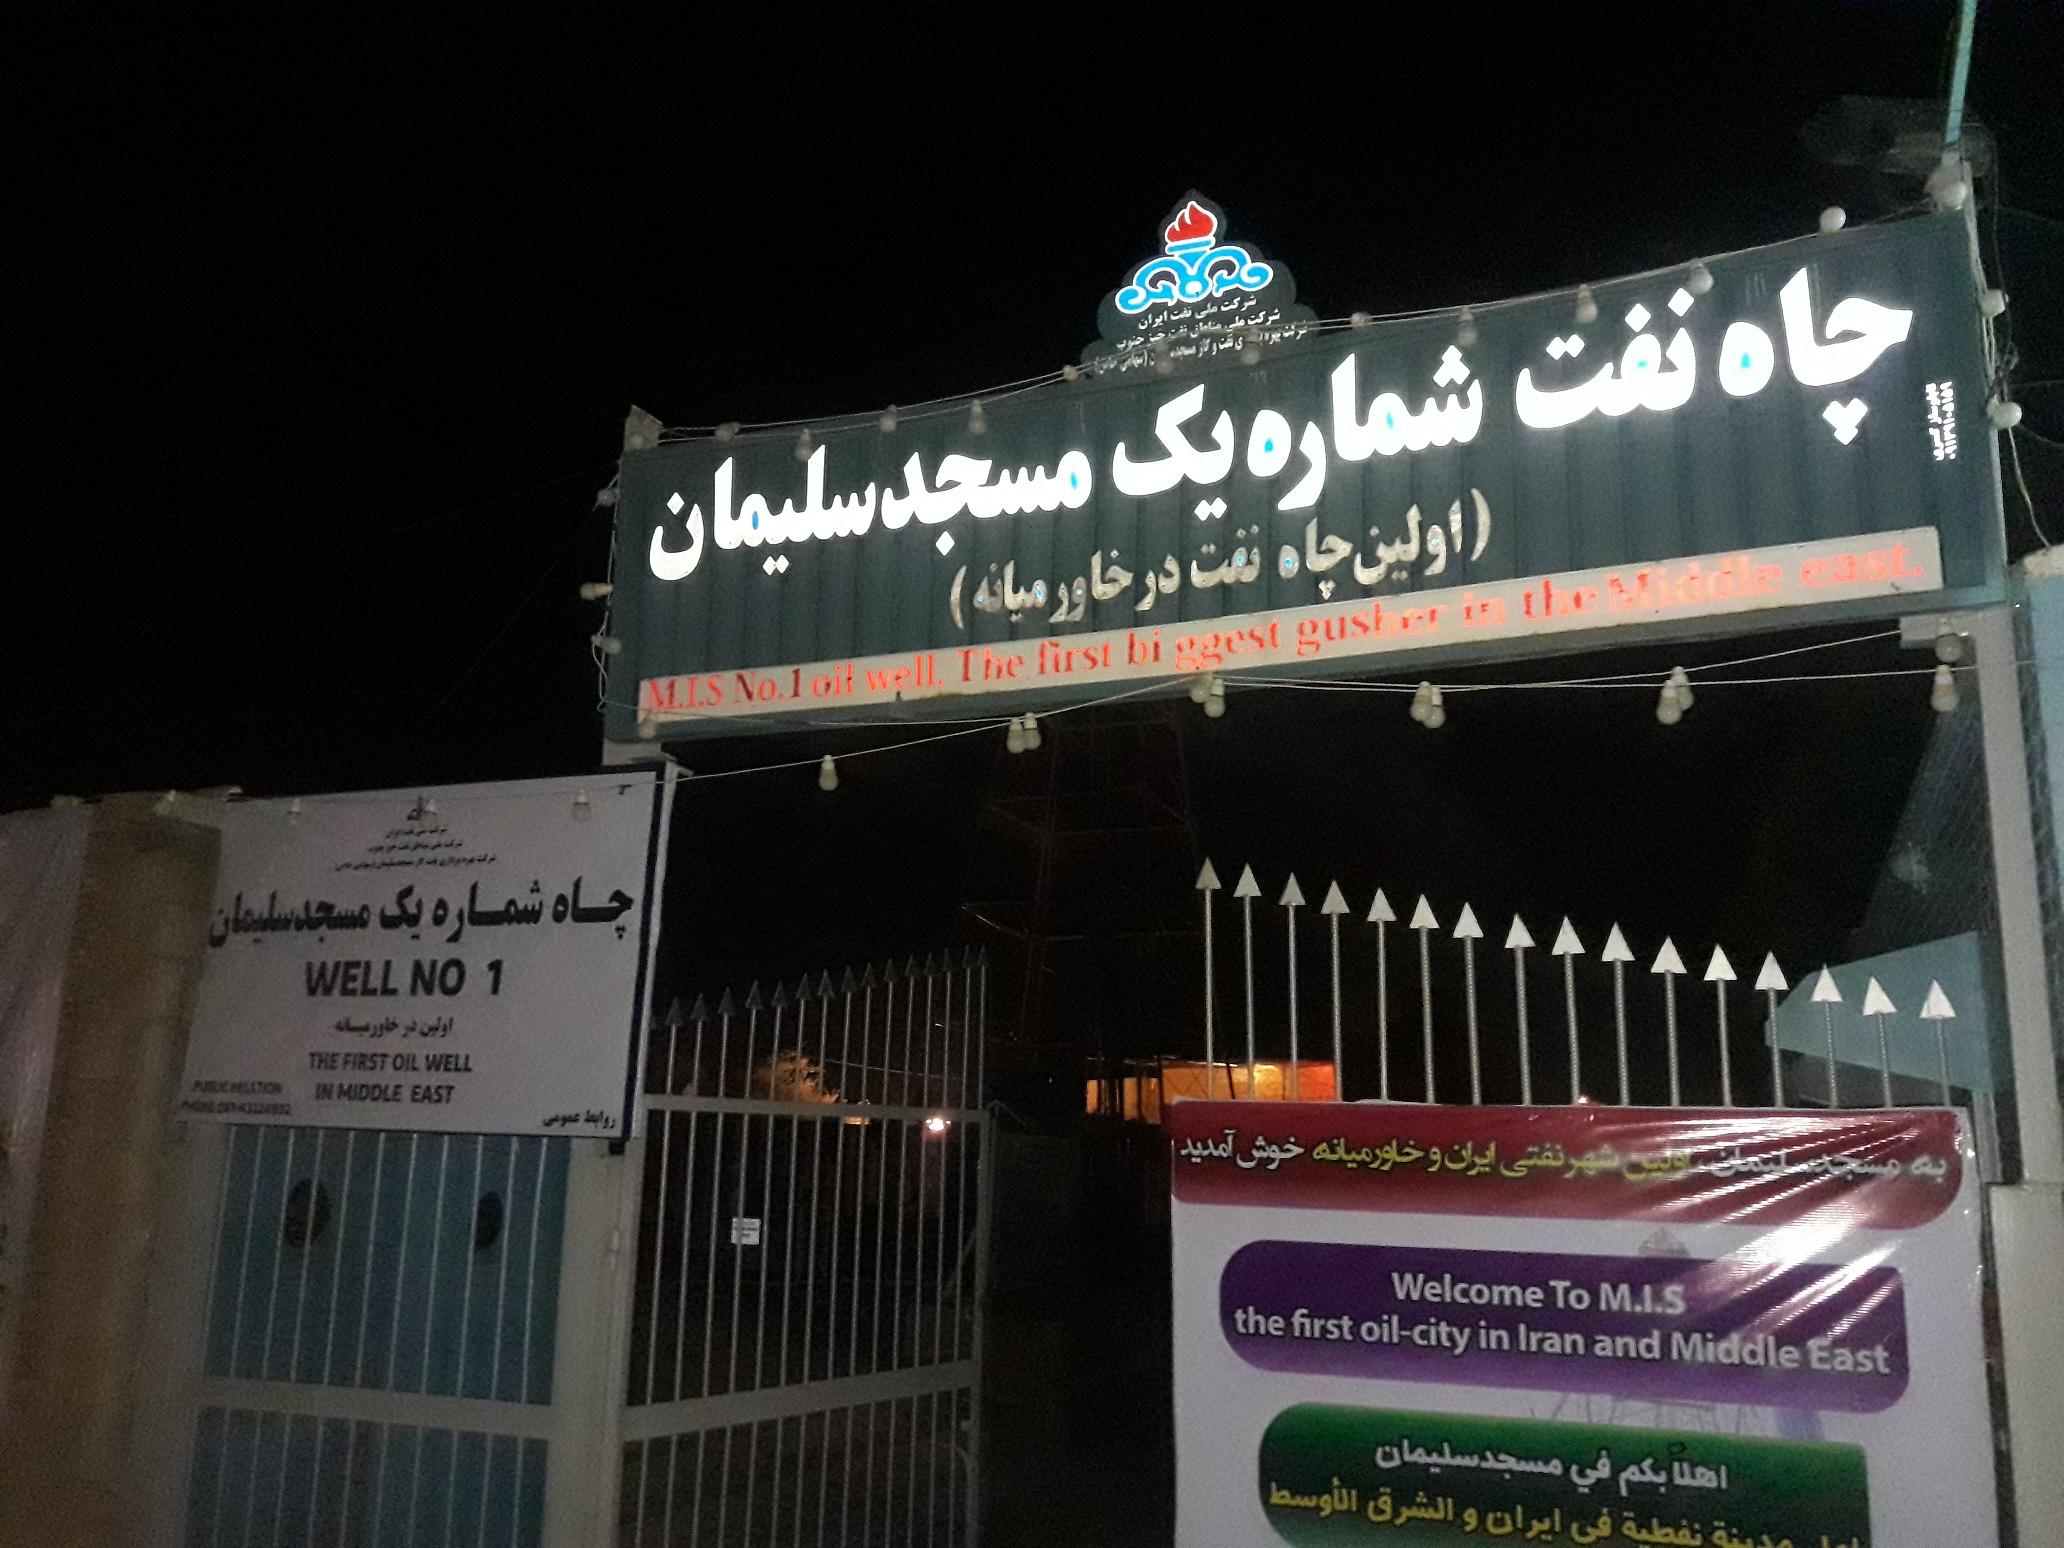 """خاموشی چراغ های """" اولین چاه نفت خاورمیانه """" به احترام """" زمین """" … !؟ + تصاویر"""